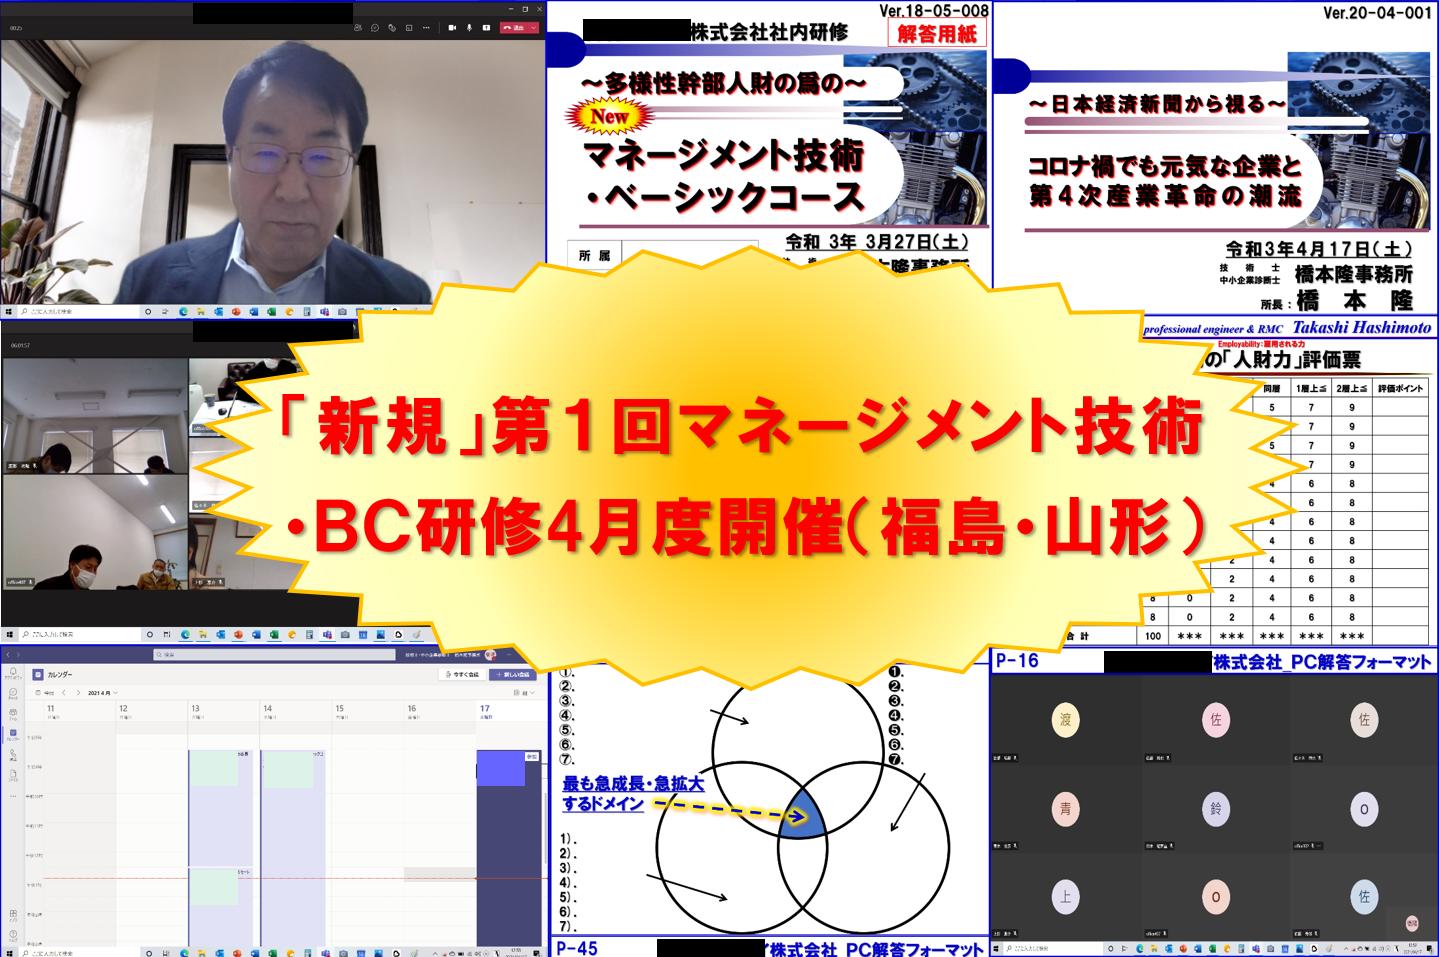 21_04_17_「新規」第1回マネージメント技術・BC研修4月度開催(福島・山形)_AA